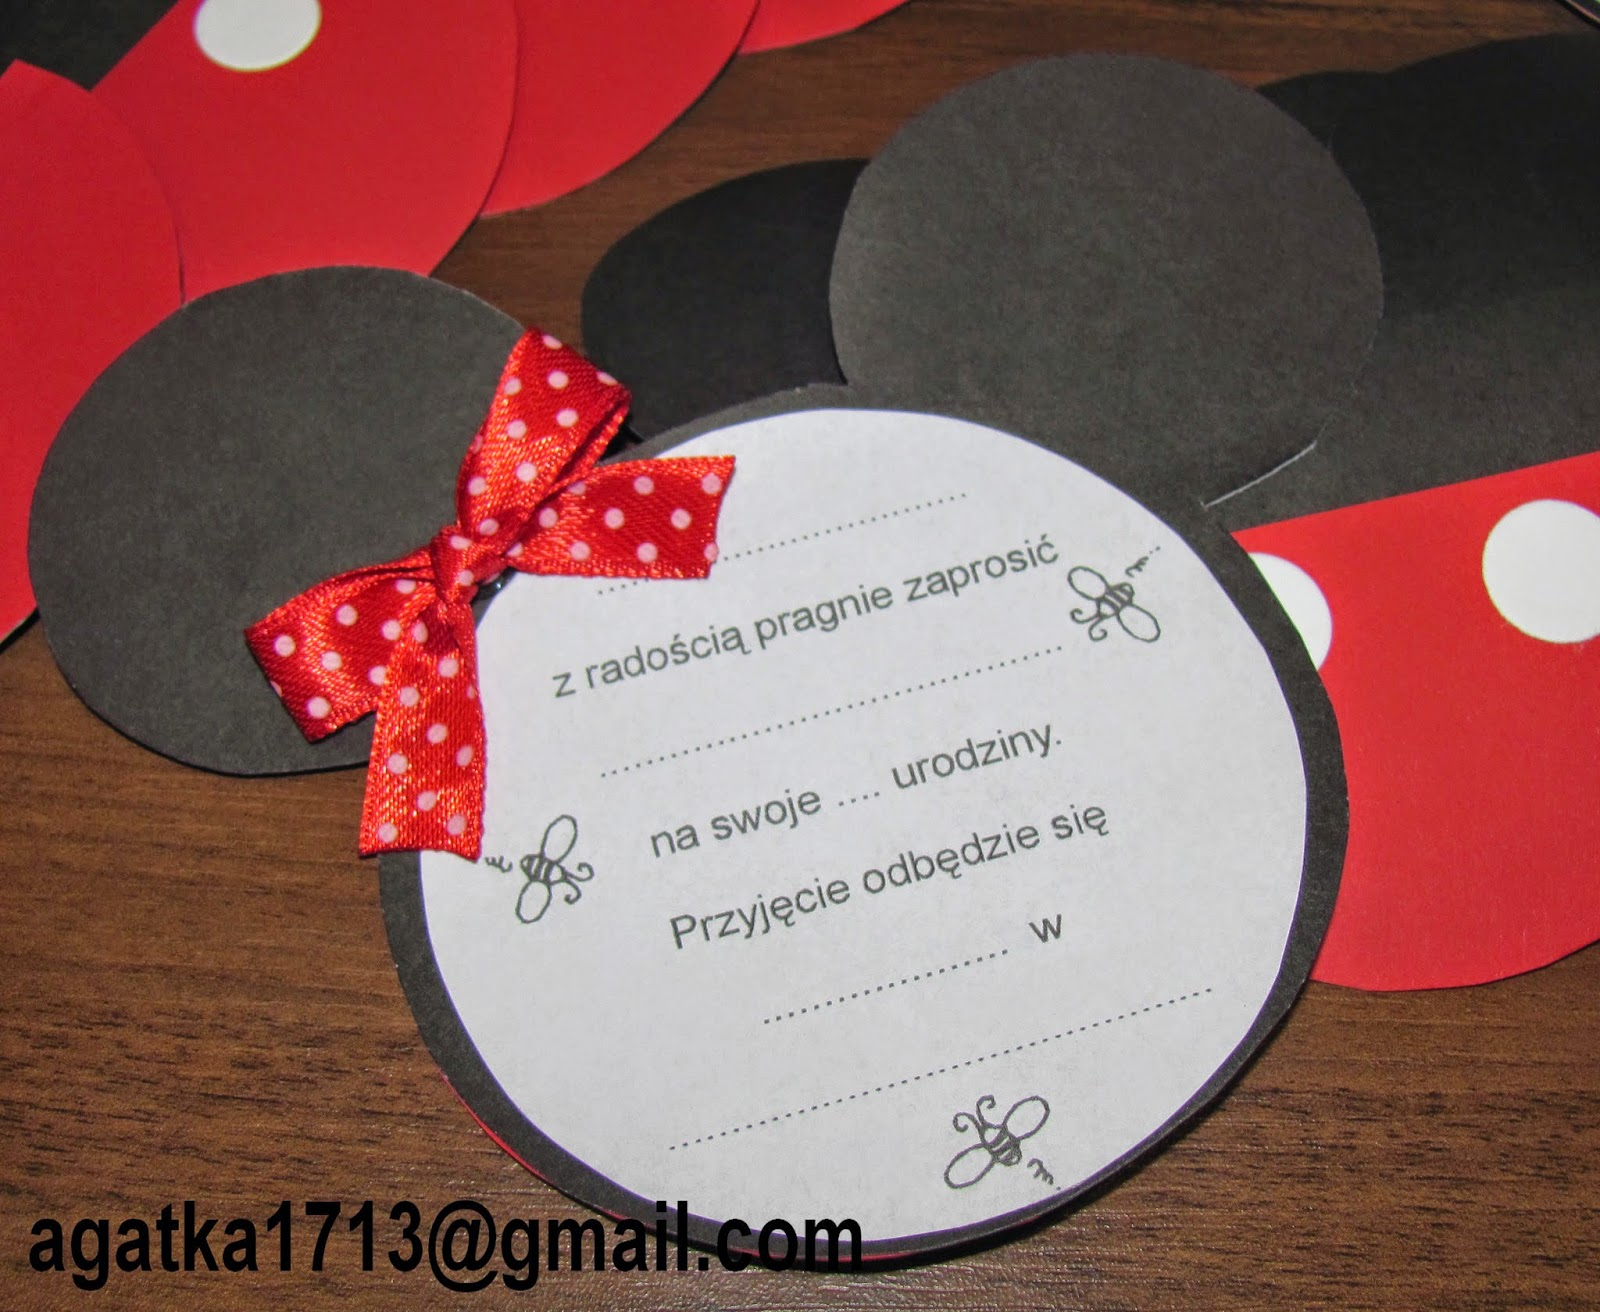 Kartki Ręcznie Robione Jagata Zaproszenie Dla Dziewczynki